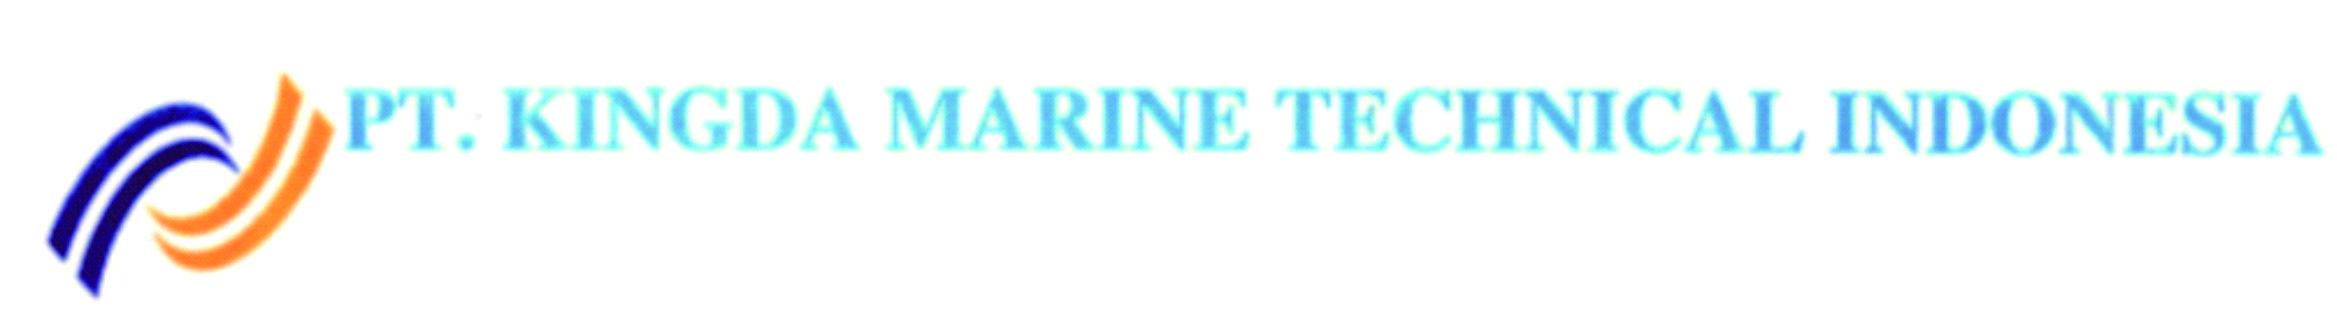 King Da Marine